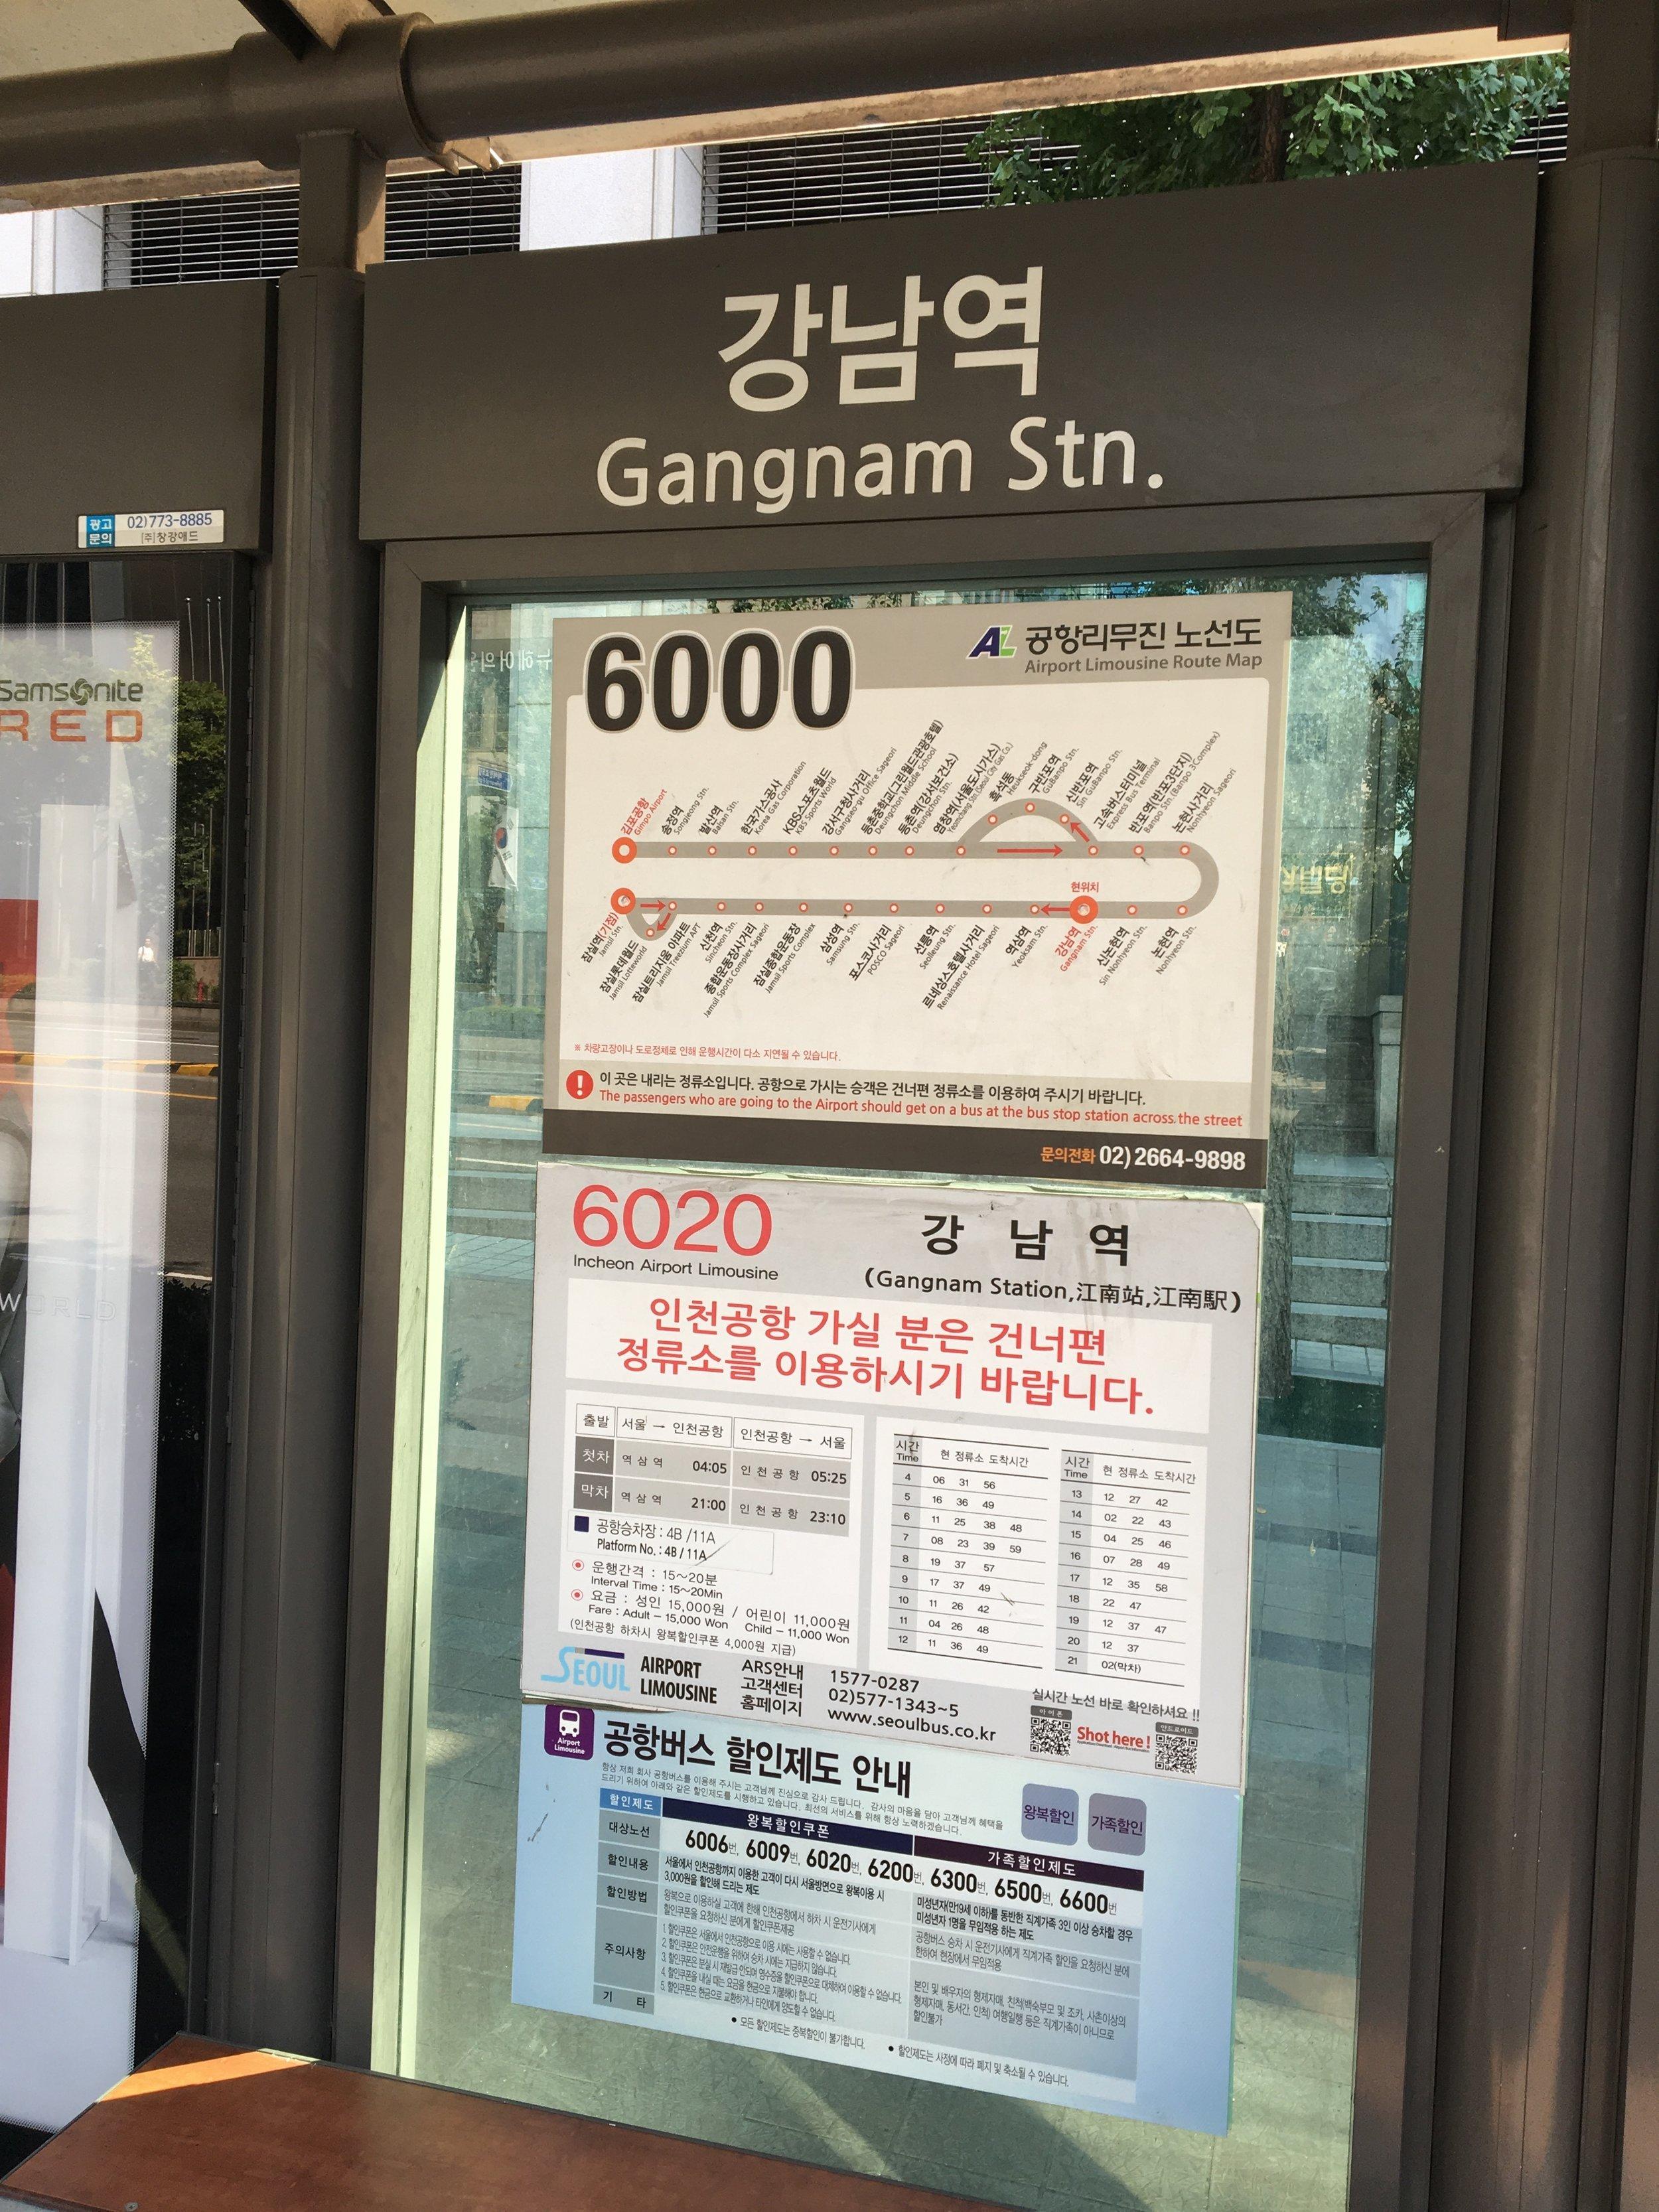 1. 請於江南站下車 - 從仁川機場到首爾江南站大約時間為90分鐘